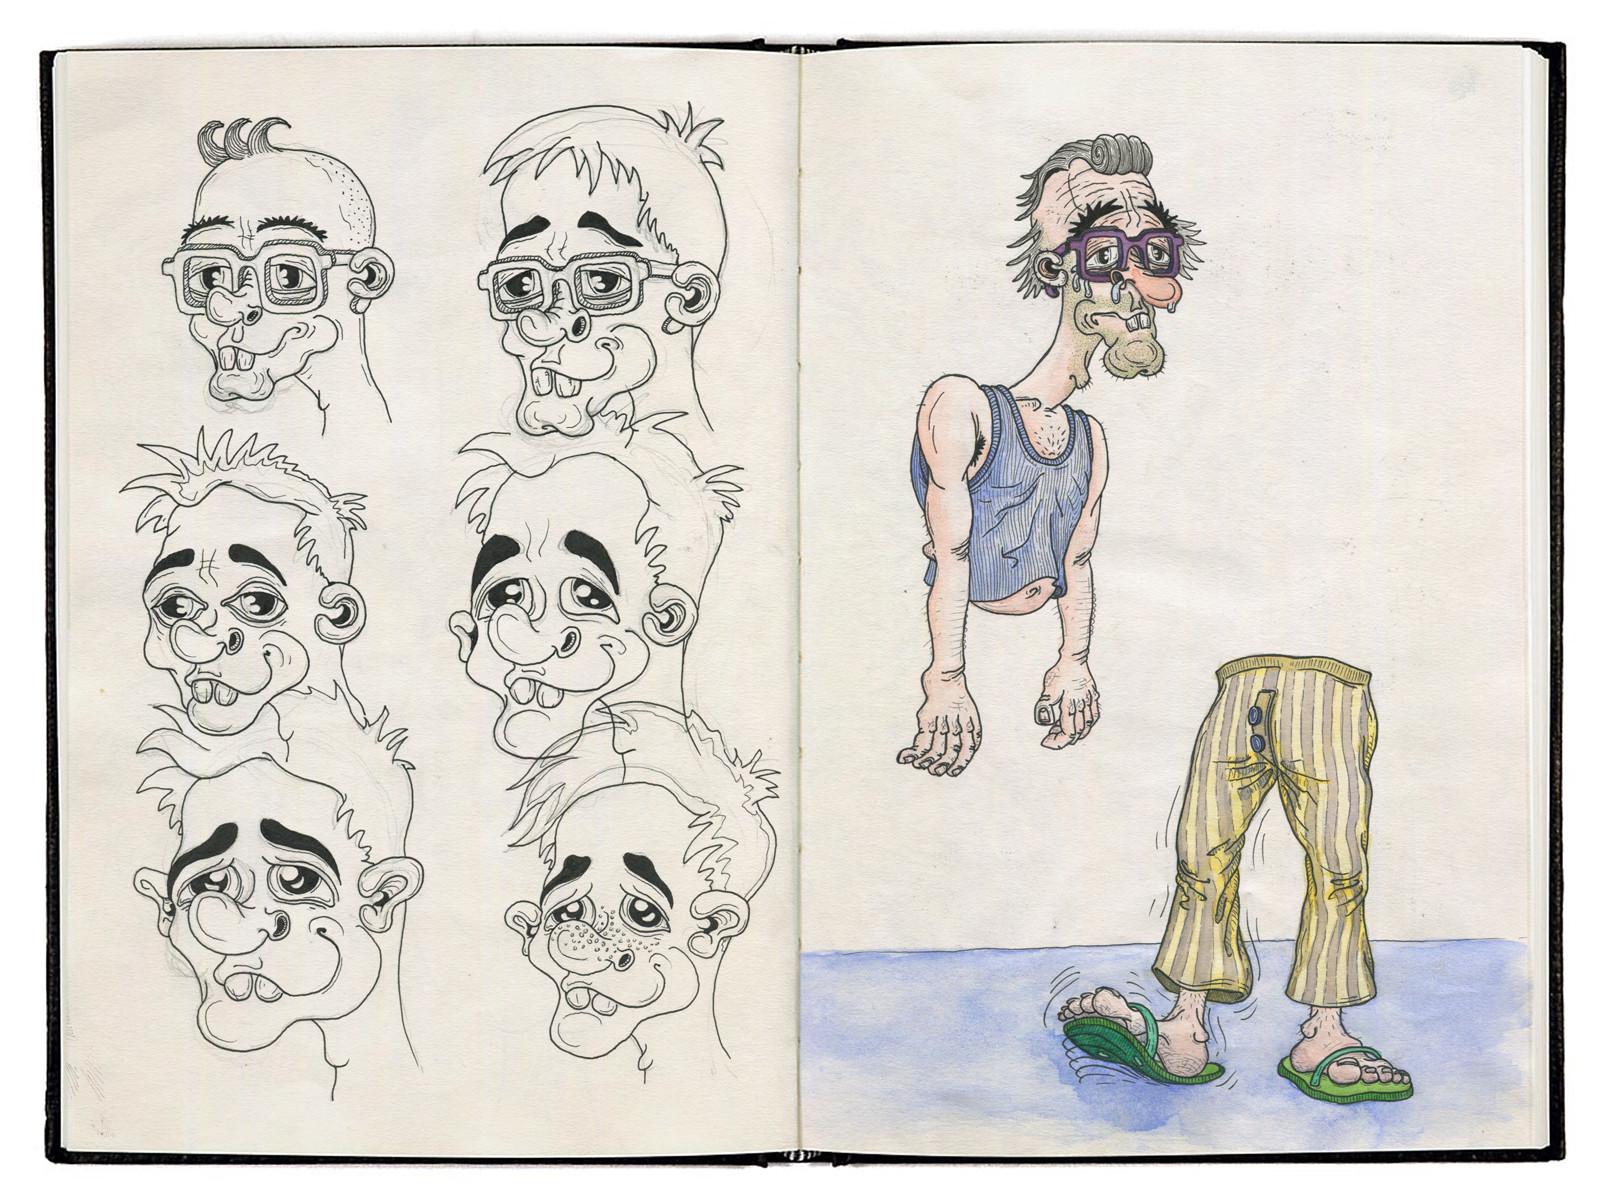 Arthur-sketchbook3-children-character-de